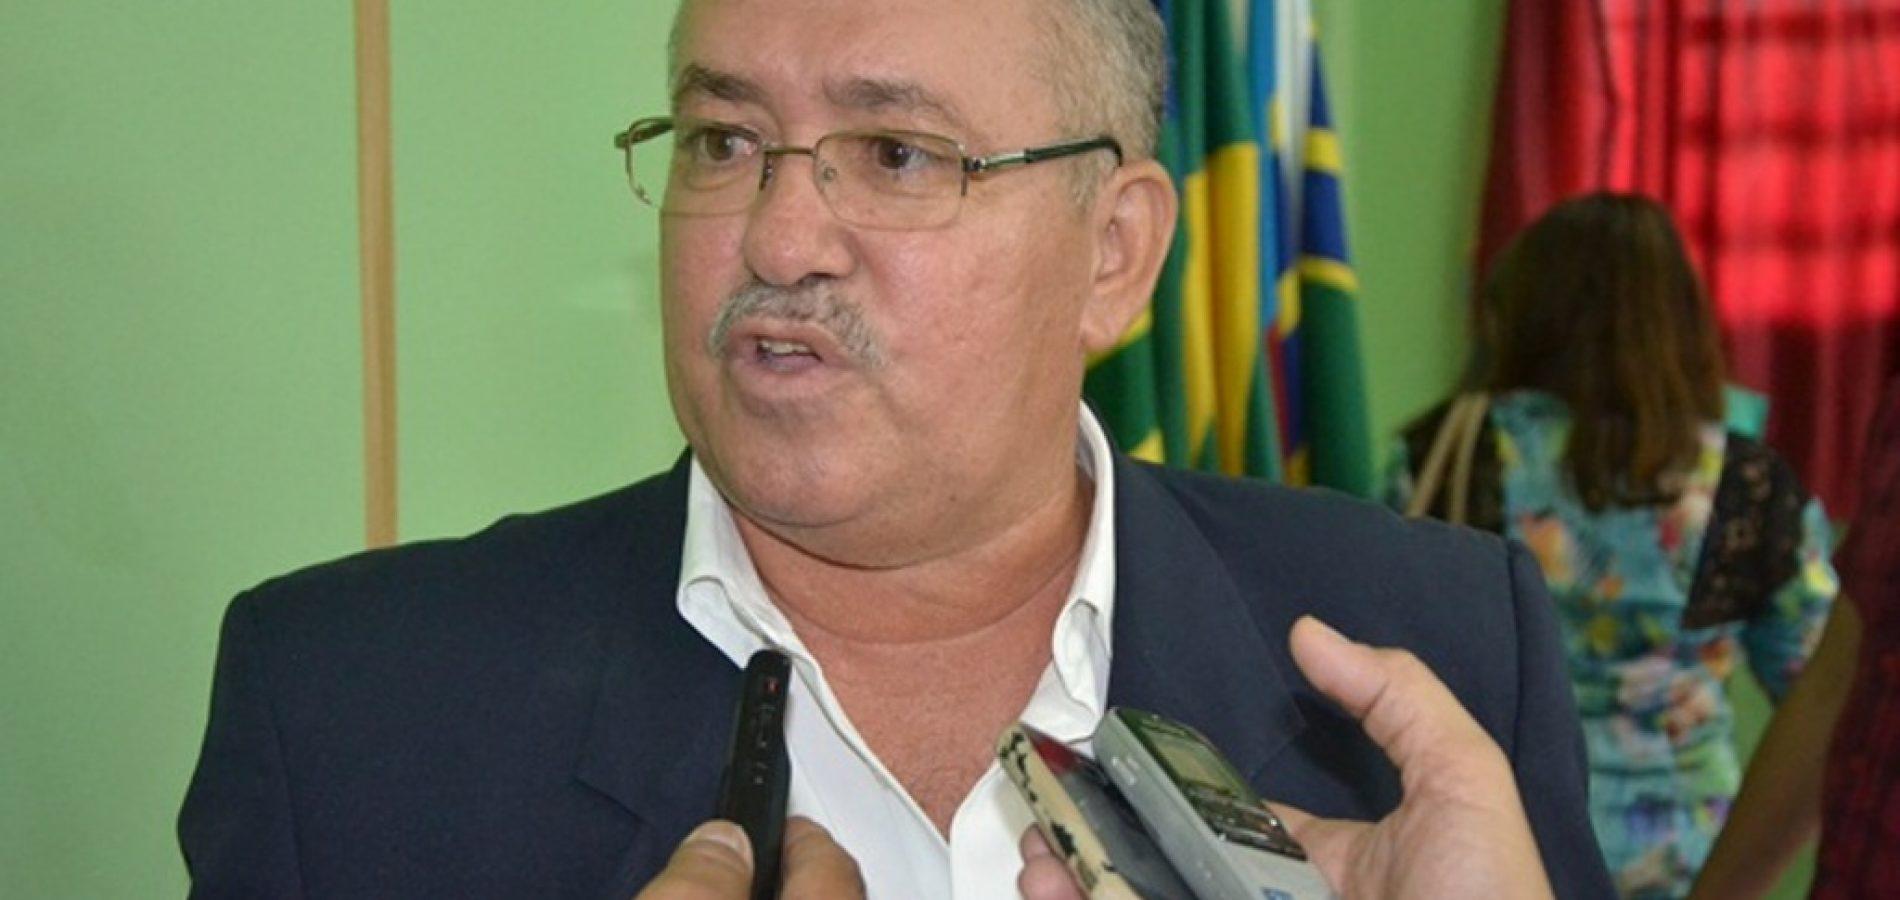 Morre o ex-prefeito de Bocaina Nivardo Silvino aos 64 anos